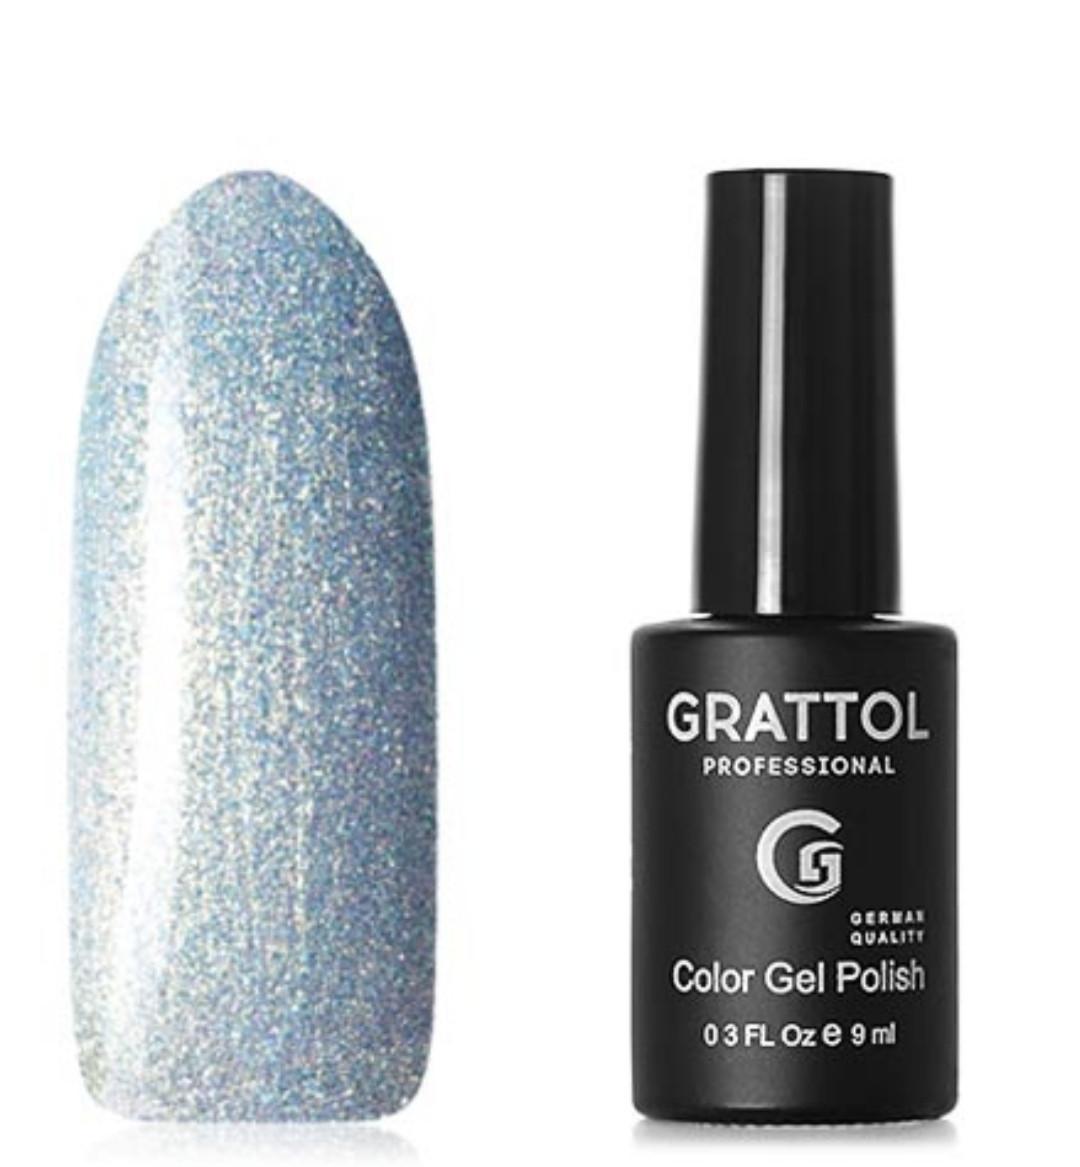 Гель-лак  Grattol quartz 03